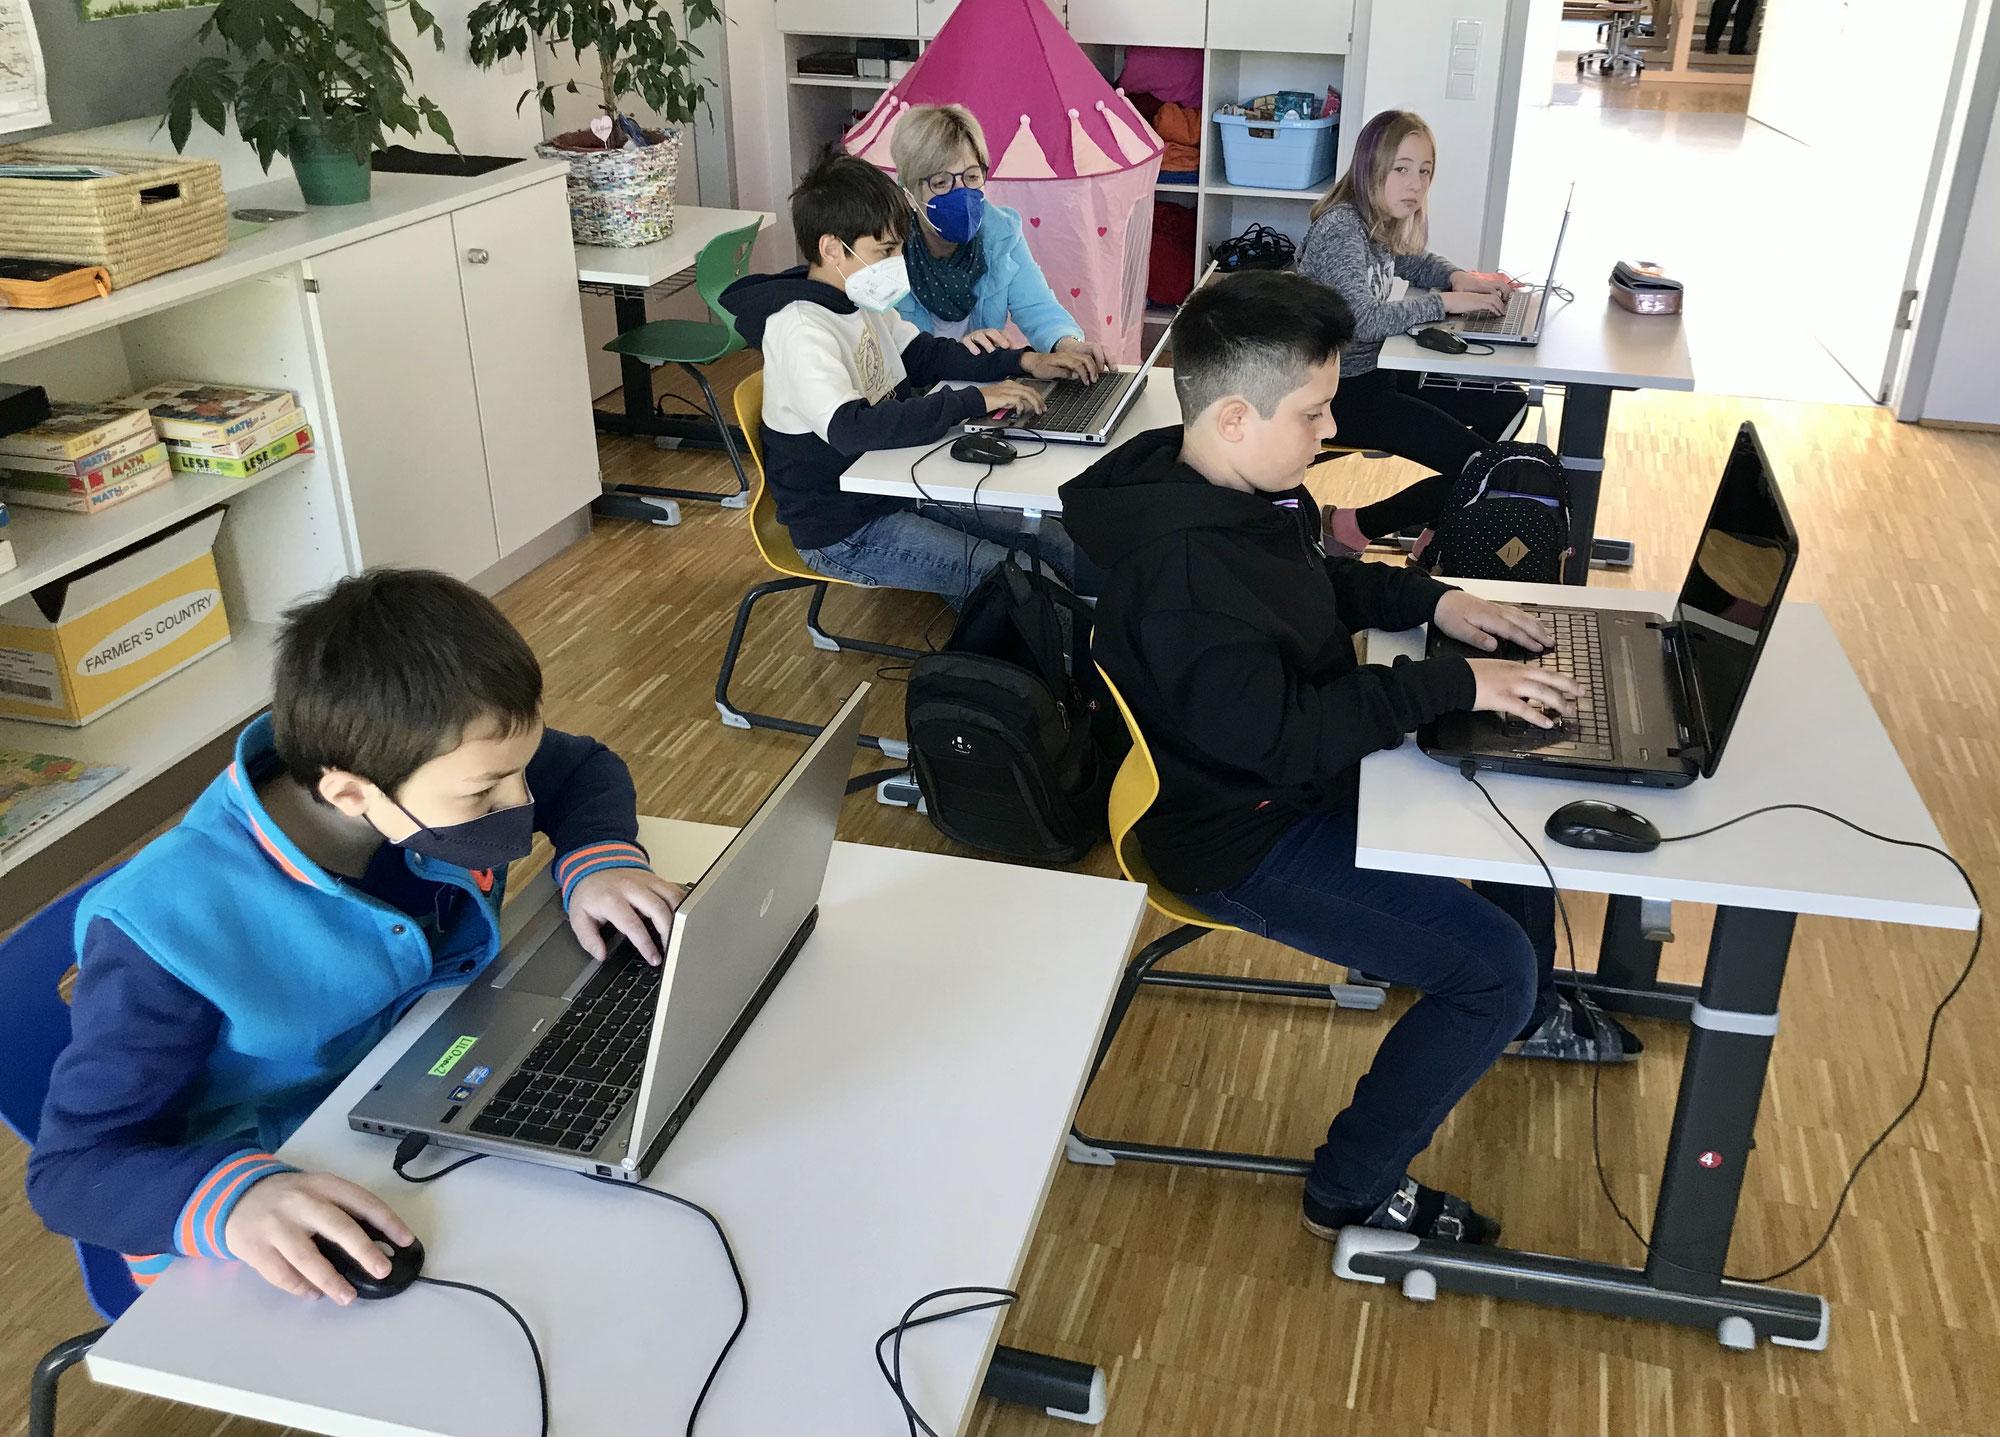 Lernmax - digitale Lernprogramme für mehr Abwechslung und Motivation